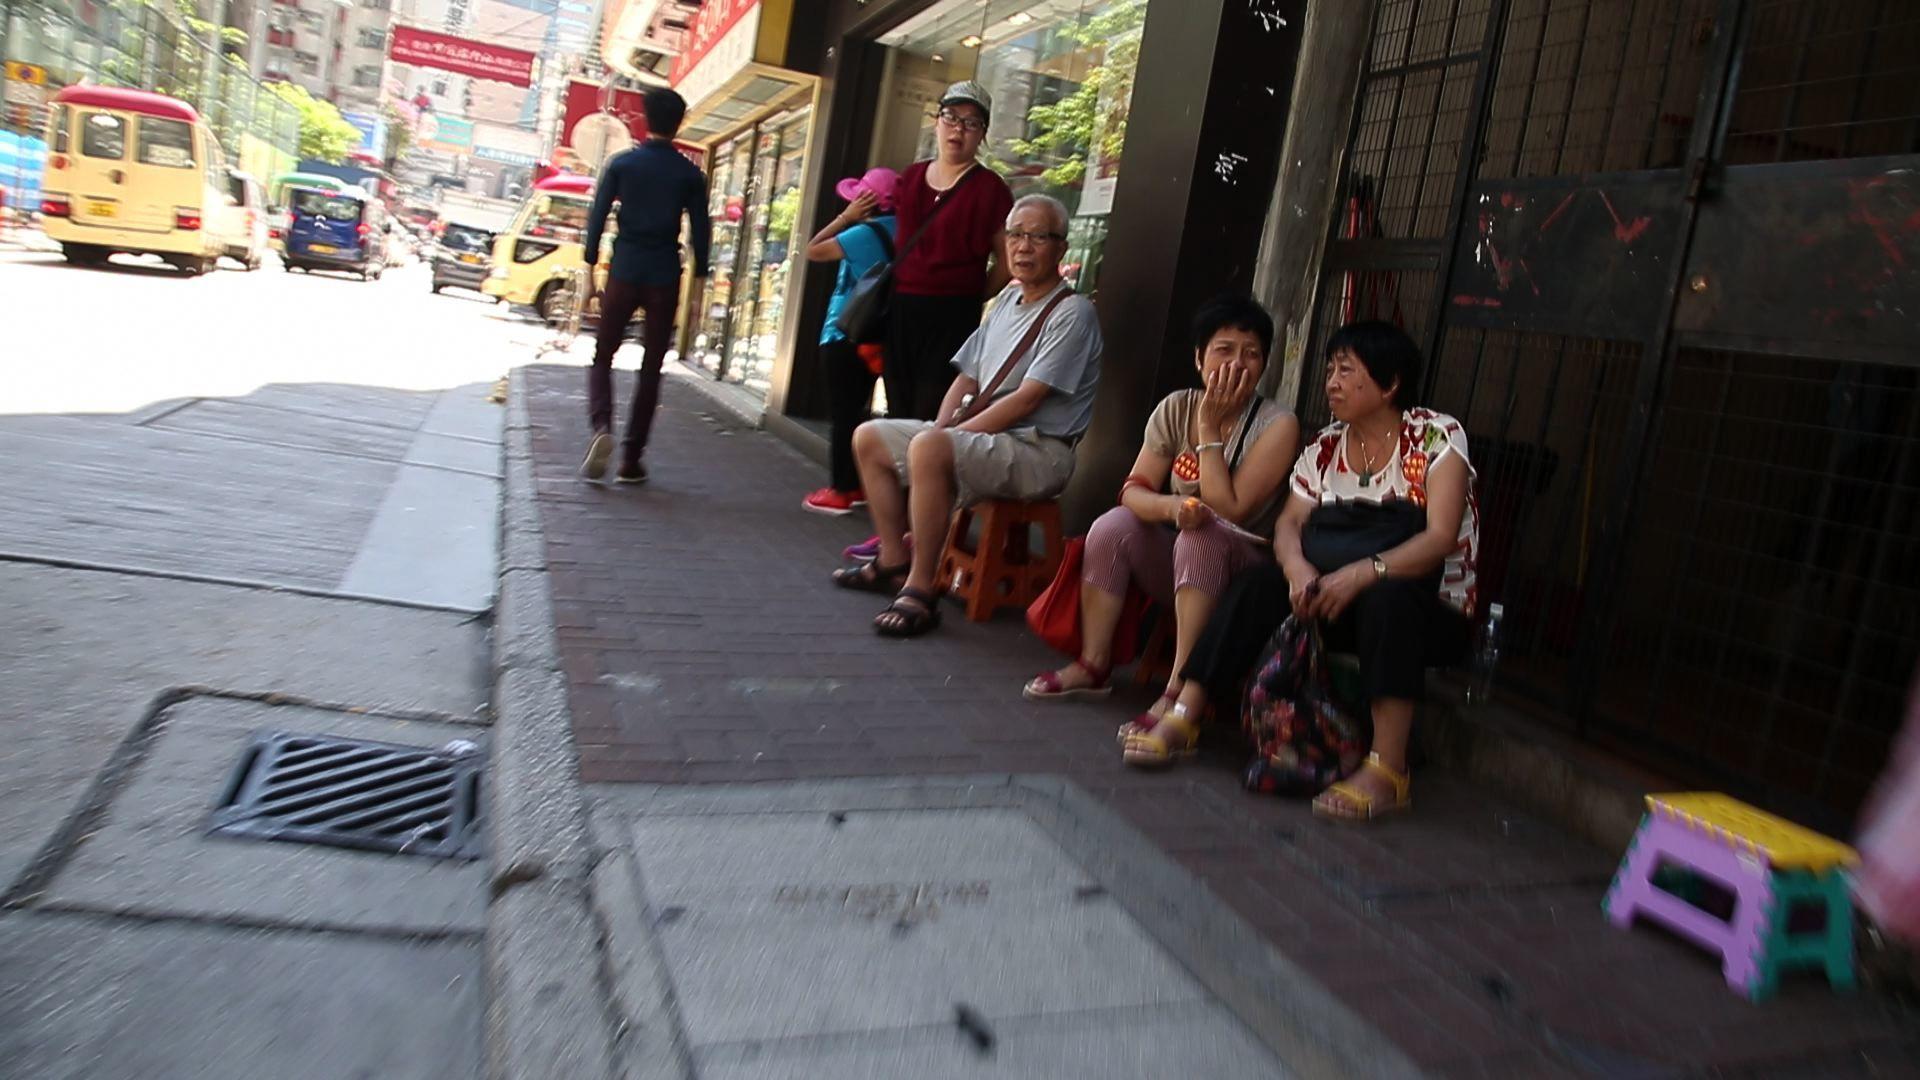 第七屆「全世界中國古典舞大賽」亞太區初賽將於8月1日,於香港麥花臣場館舉行,麥花臣場館外的奶路臣街和對面染布房街,有大約十名「香港慈愛協會」及「香港民意交流協會」成員在場看守和拍攝。(李逸/大紀元)